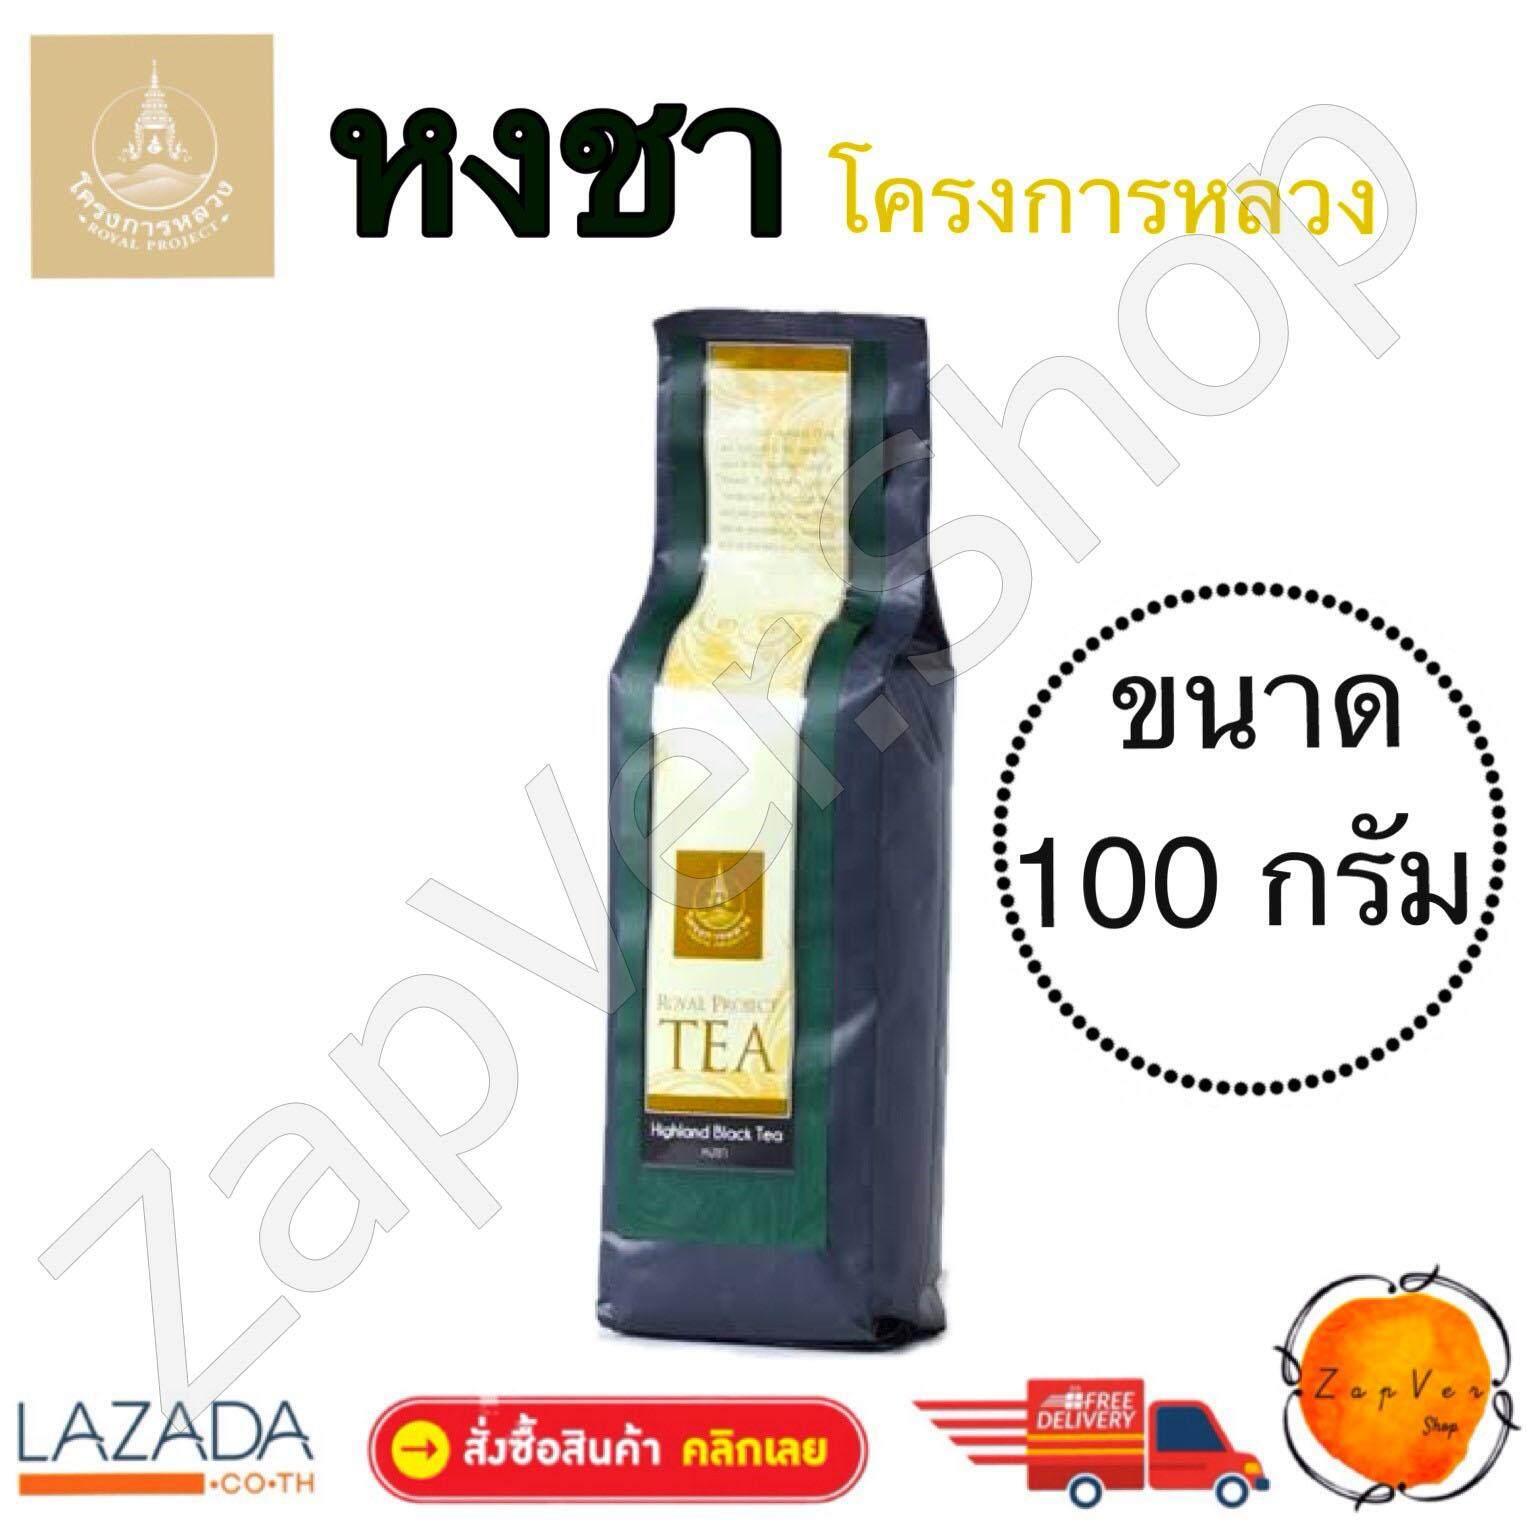 ชา หงชา ชาดำ ซา โครงการหลวง ใบชา ออร์แกนิค แท้ 100% ขนาด 100 กรัม ชาจีน Black Tea Highland Black Tea Product Of Royal Project Foundation Organic Thailand  Tea Chinese Tea 100 G..